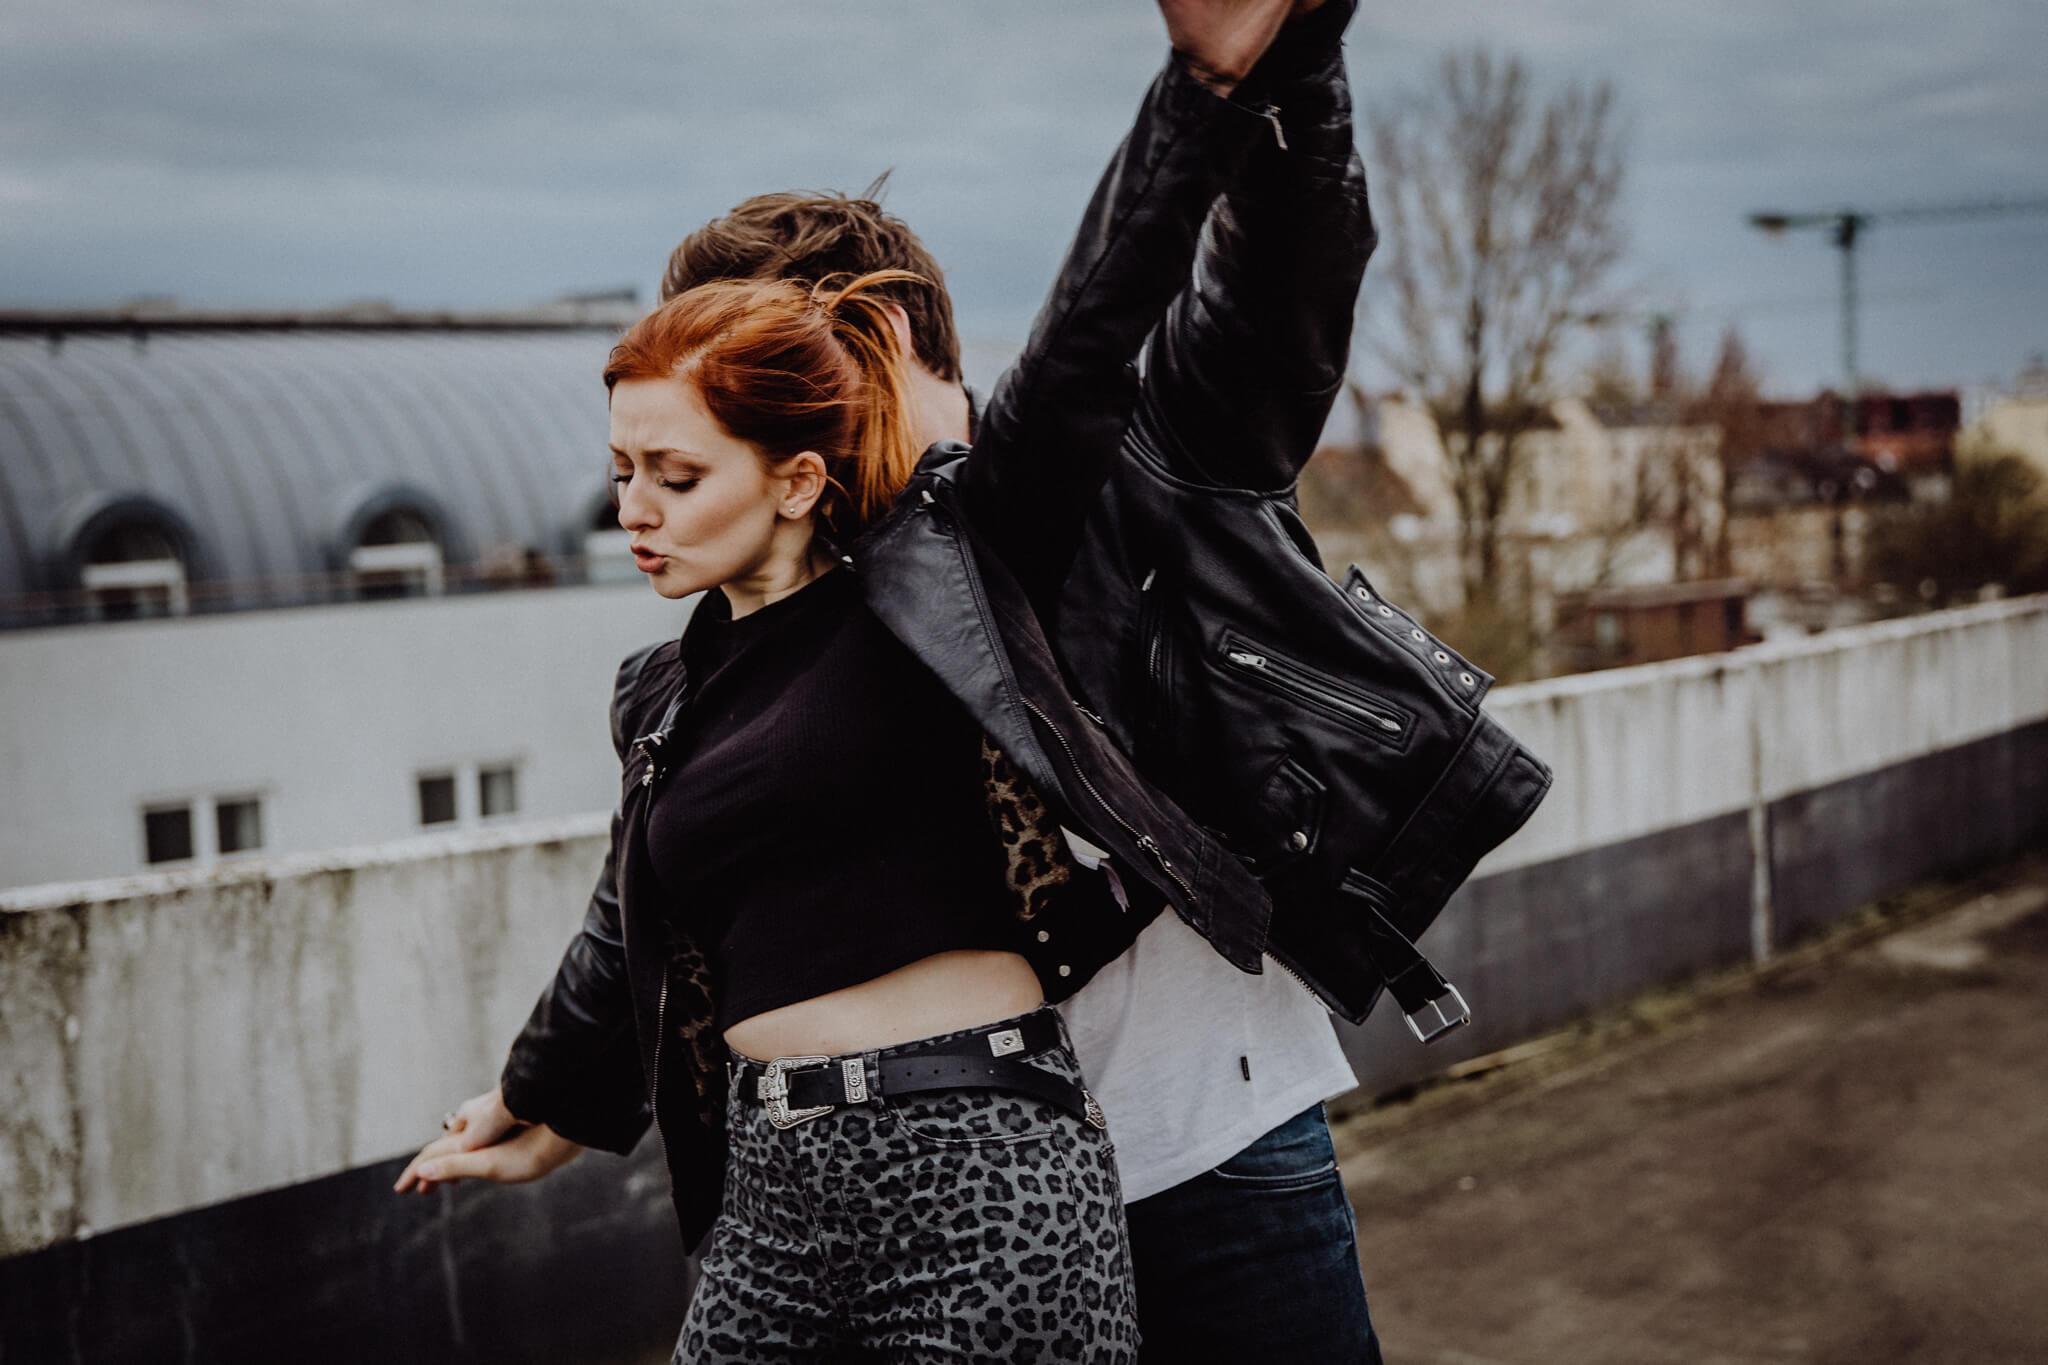 Lockere Stimmung beim Paarshooting in Hamburg